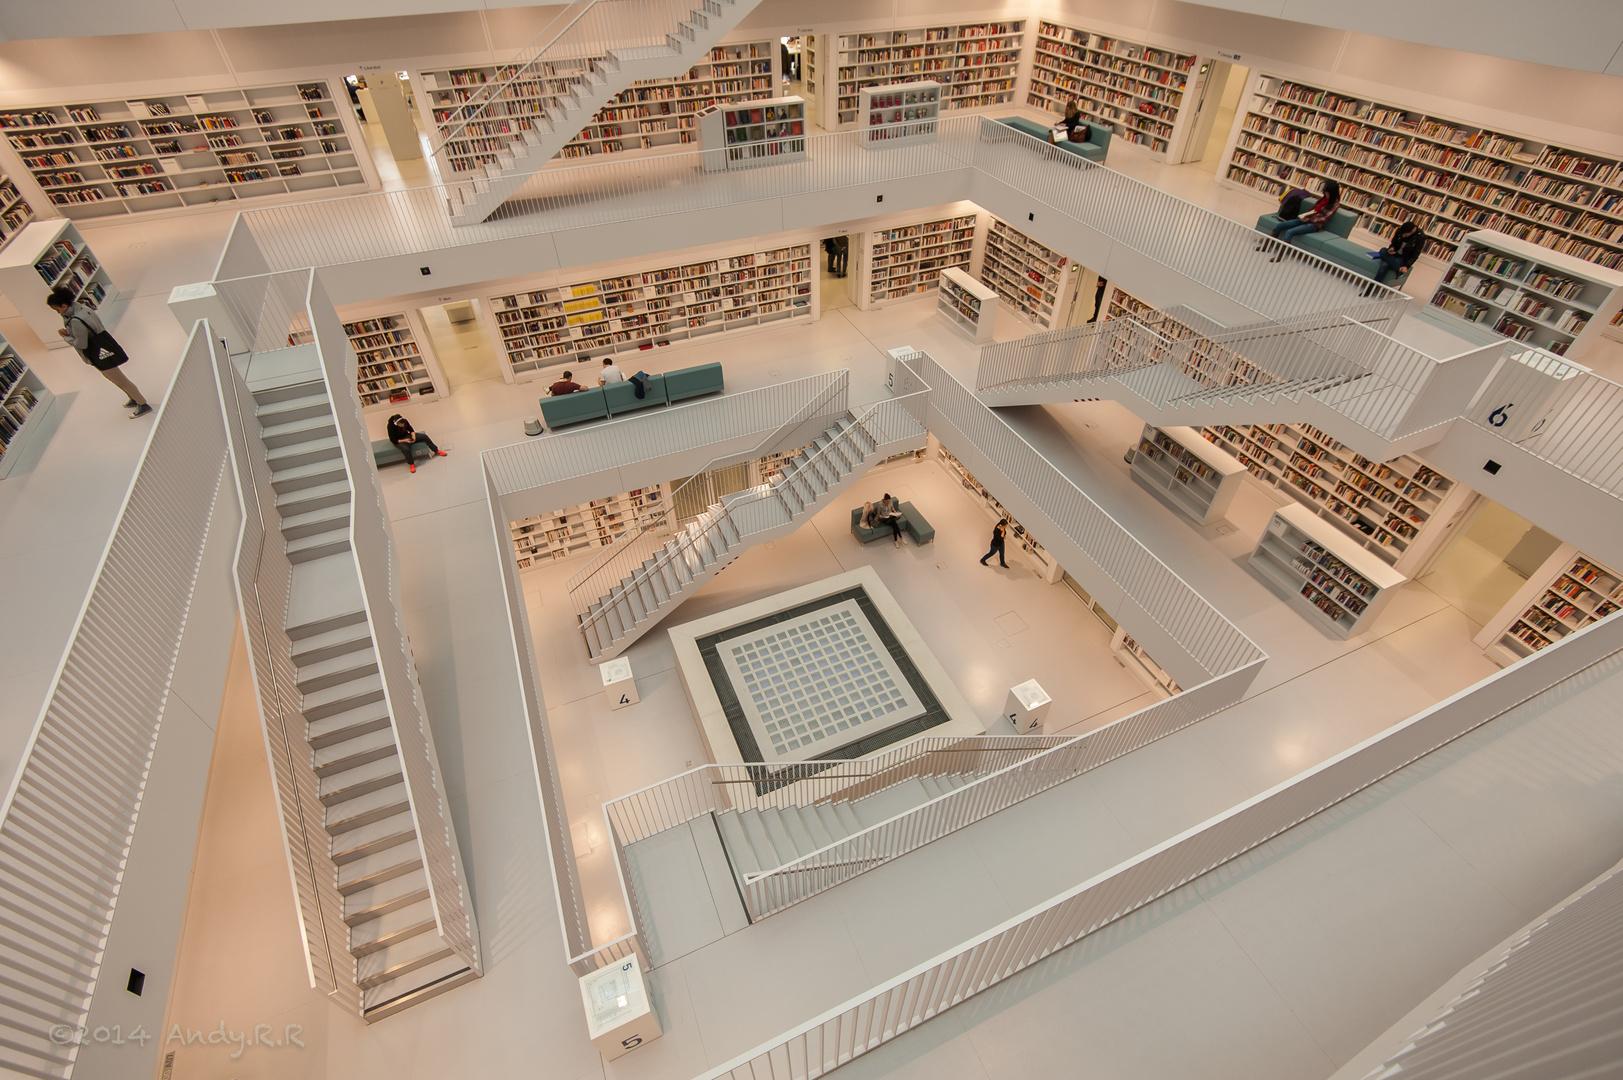 Alle Wege führen zum Buch / all ways lead to the book